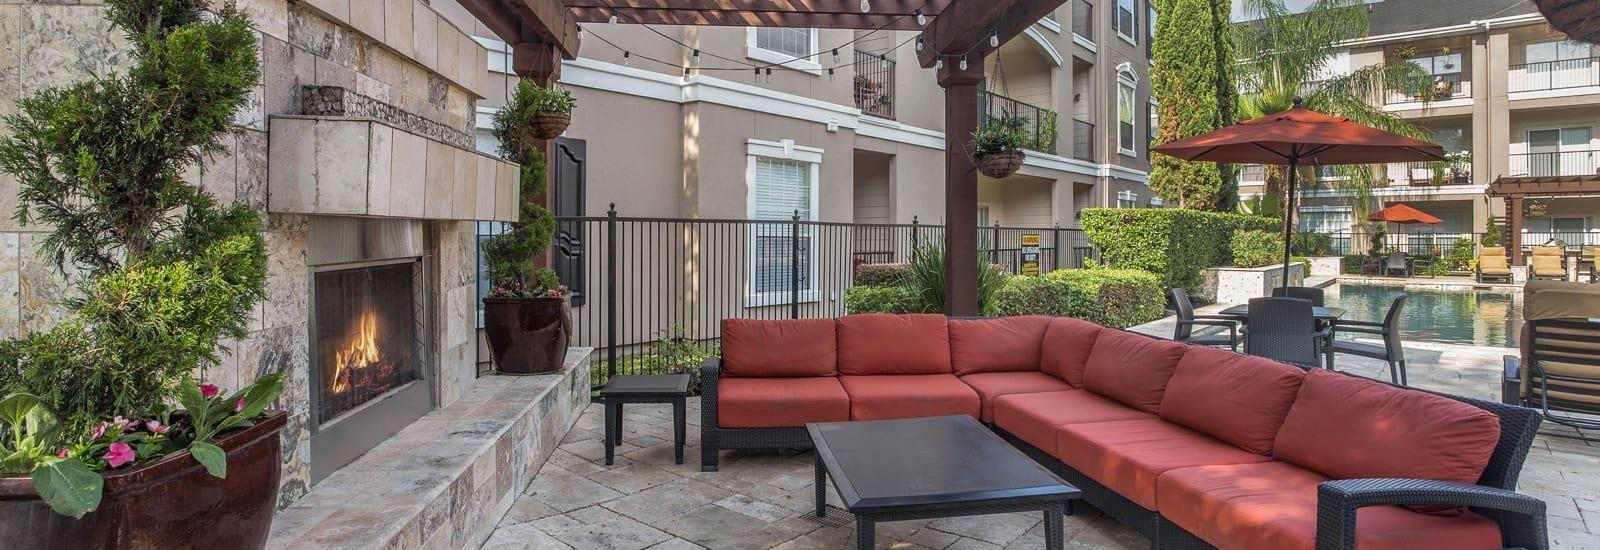 Apartments in houston Texas